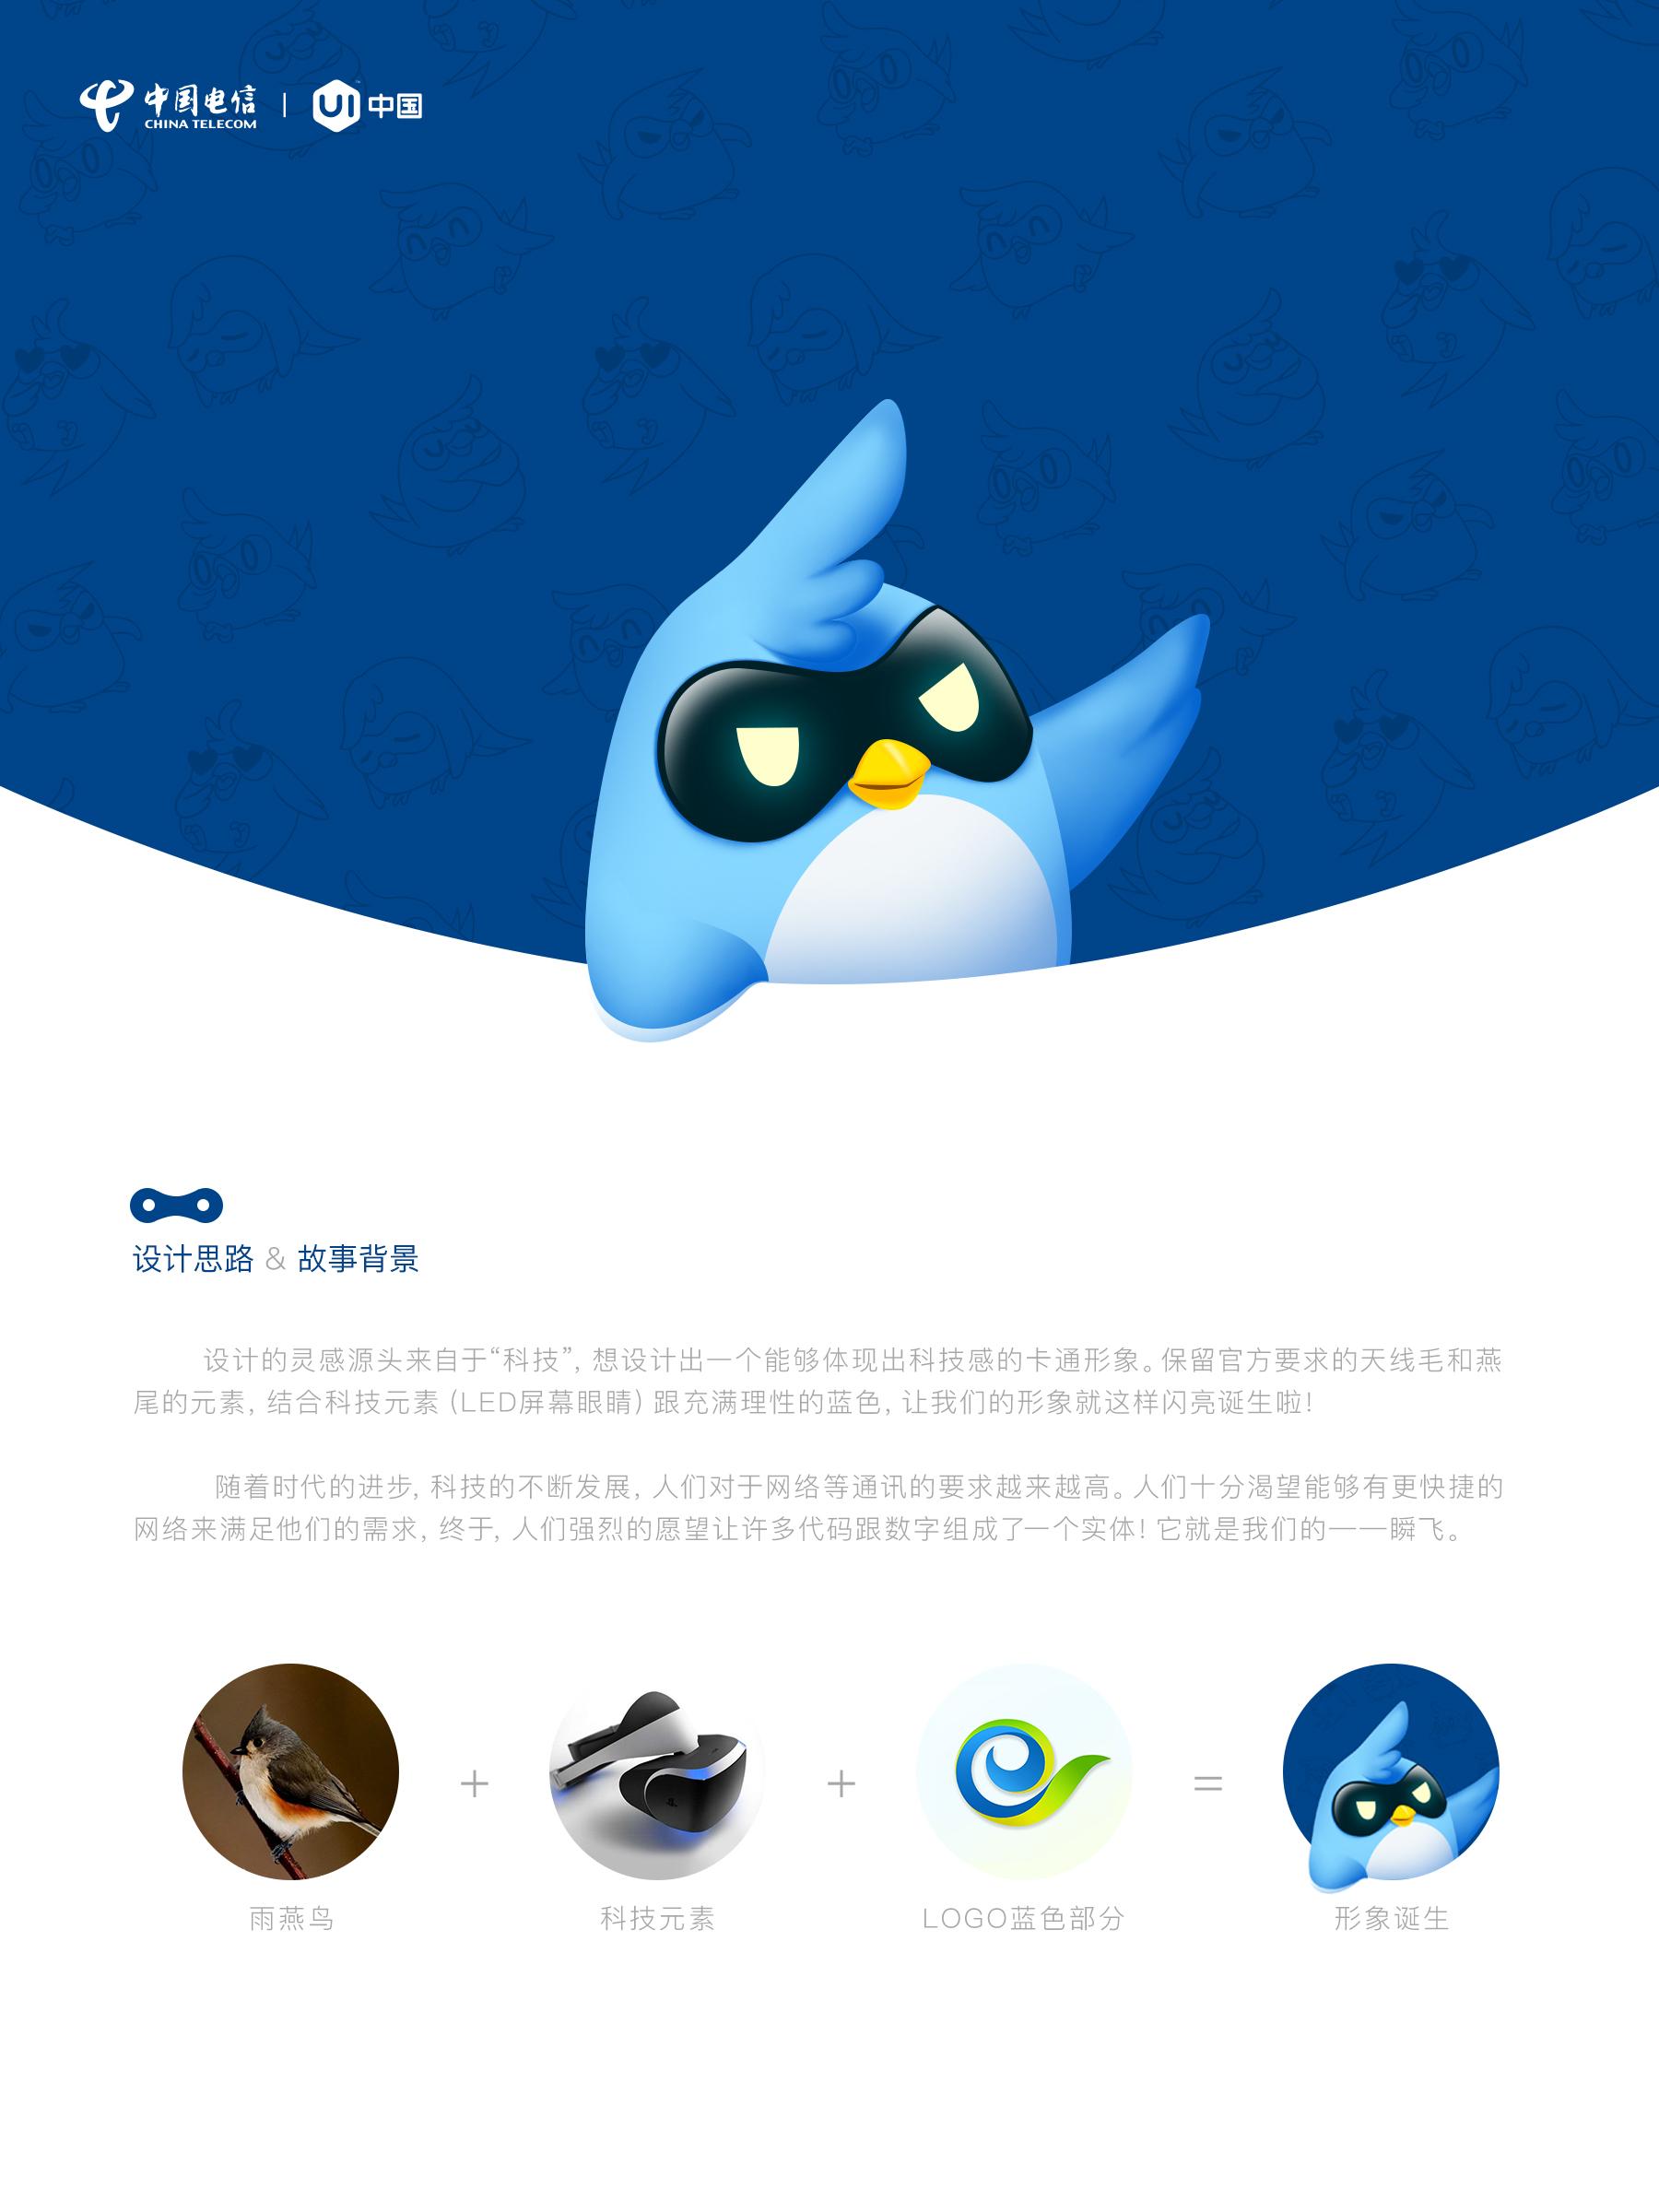 """即使我们在www.999JJJ8888网站上玩真钱游戏也丝毫不妨碍玩家之间的交流,www.aajj.com上有语言交流区,在线玩真钱游戏可999jjj新网址以通过语音和其他玩家交流,还有视频游戏大.""""啊?""""赵诚没料到她会提出 999jjj.com激情小说 激情电影 伦理 www.chu6.com ,显着犹疑了。 """"允浩的事,我感到十分抱愧,对不住!""""尽管晓得抱愧并不能抵偿啥,但是."""